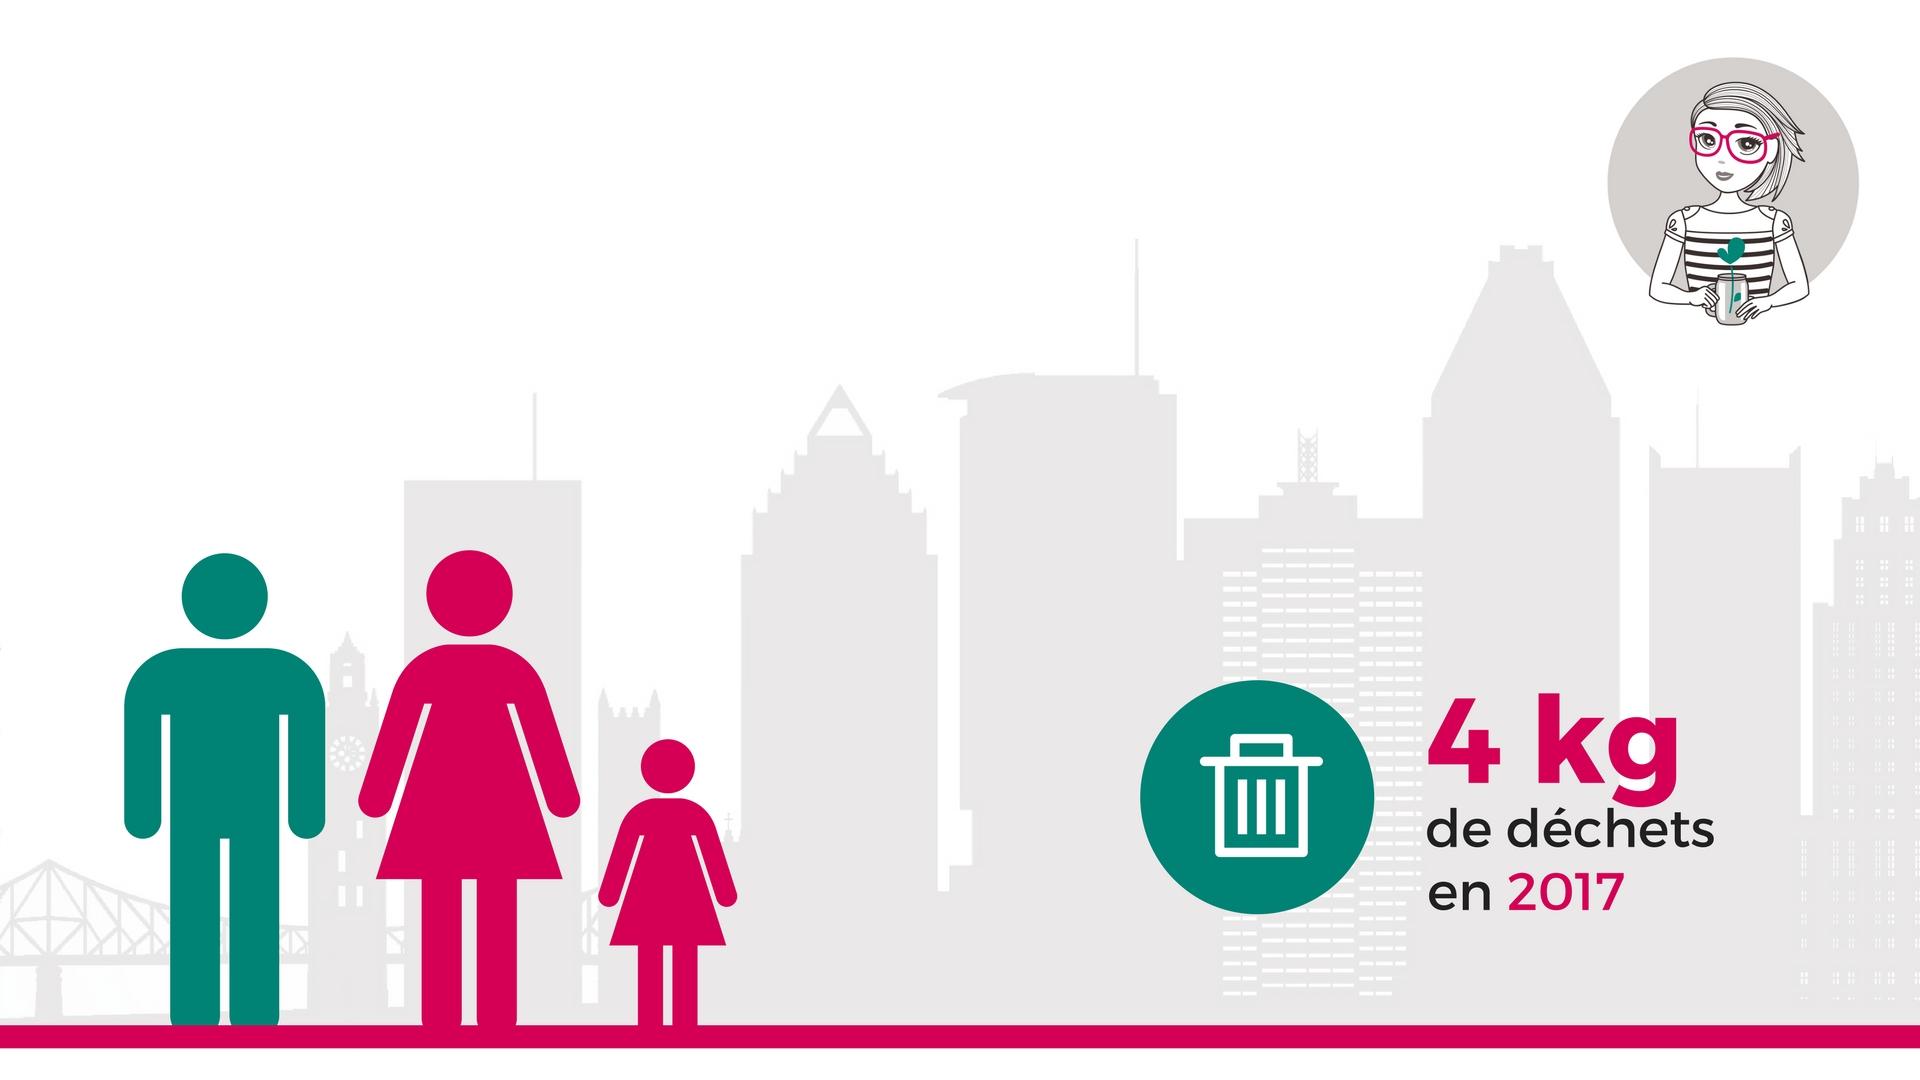 Lauraki : 4 kg de déchets en 2017